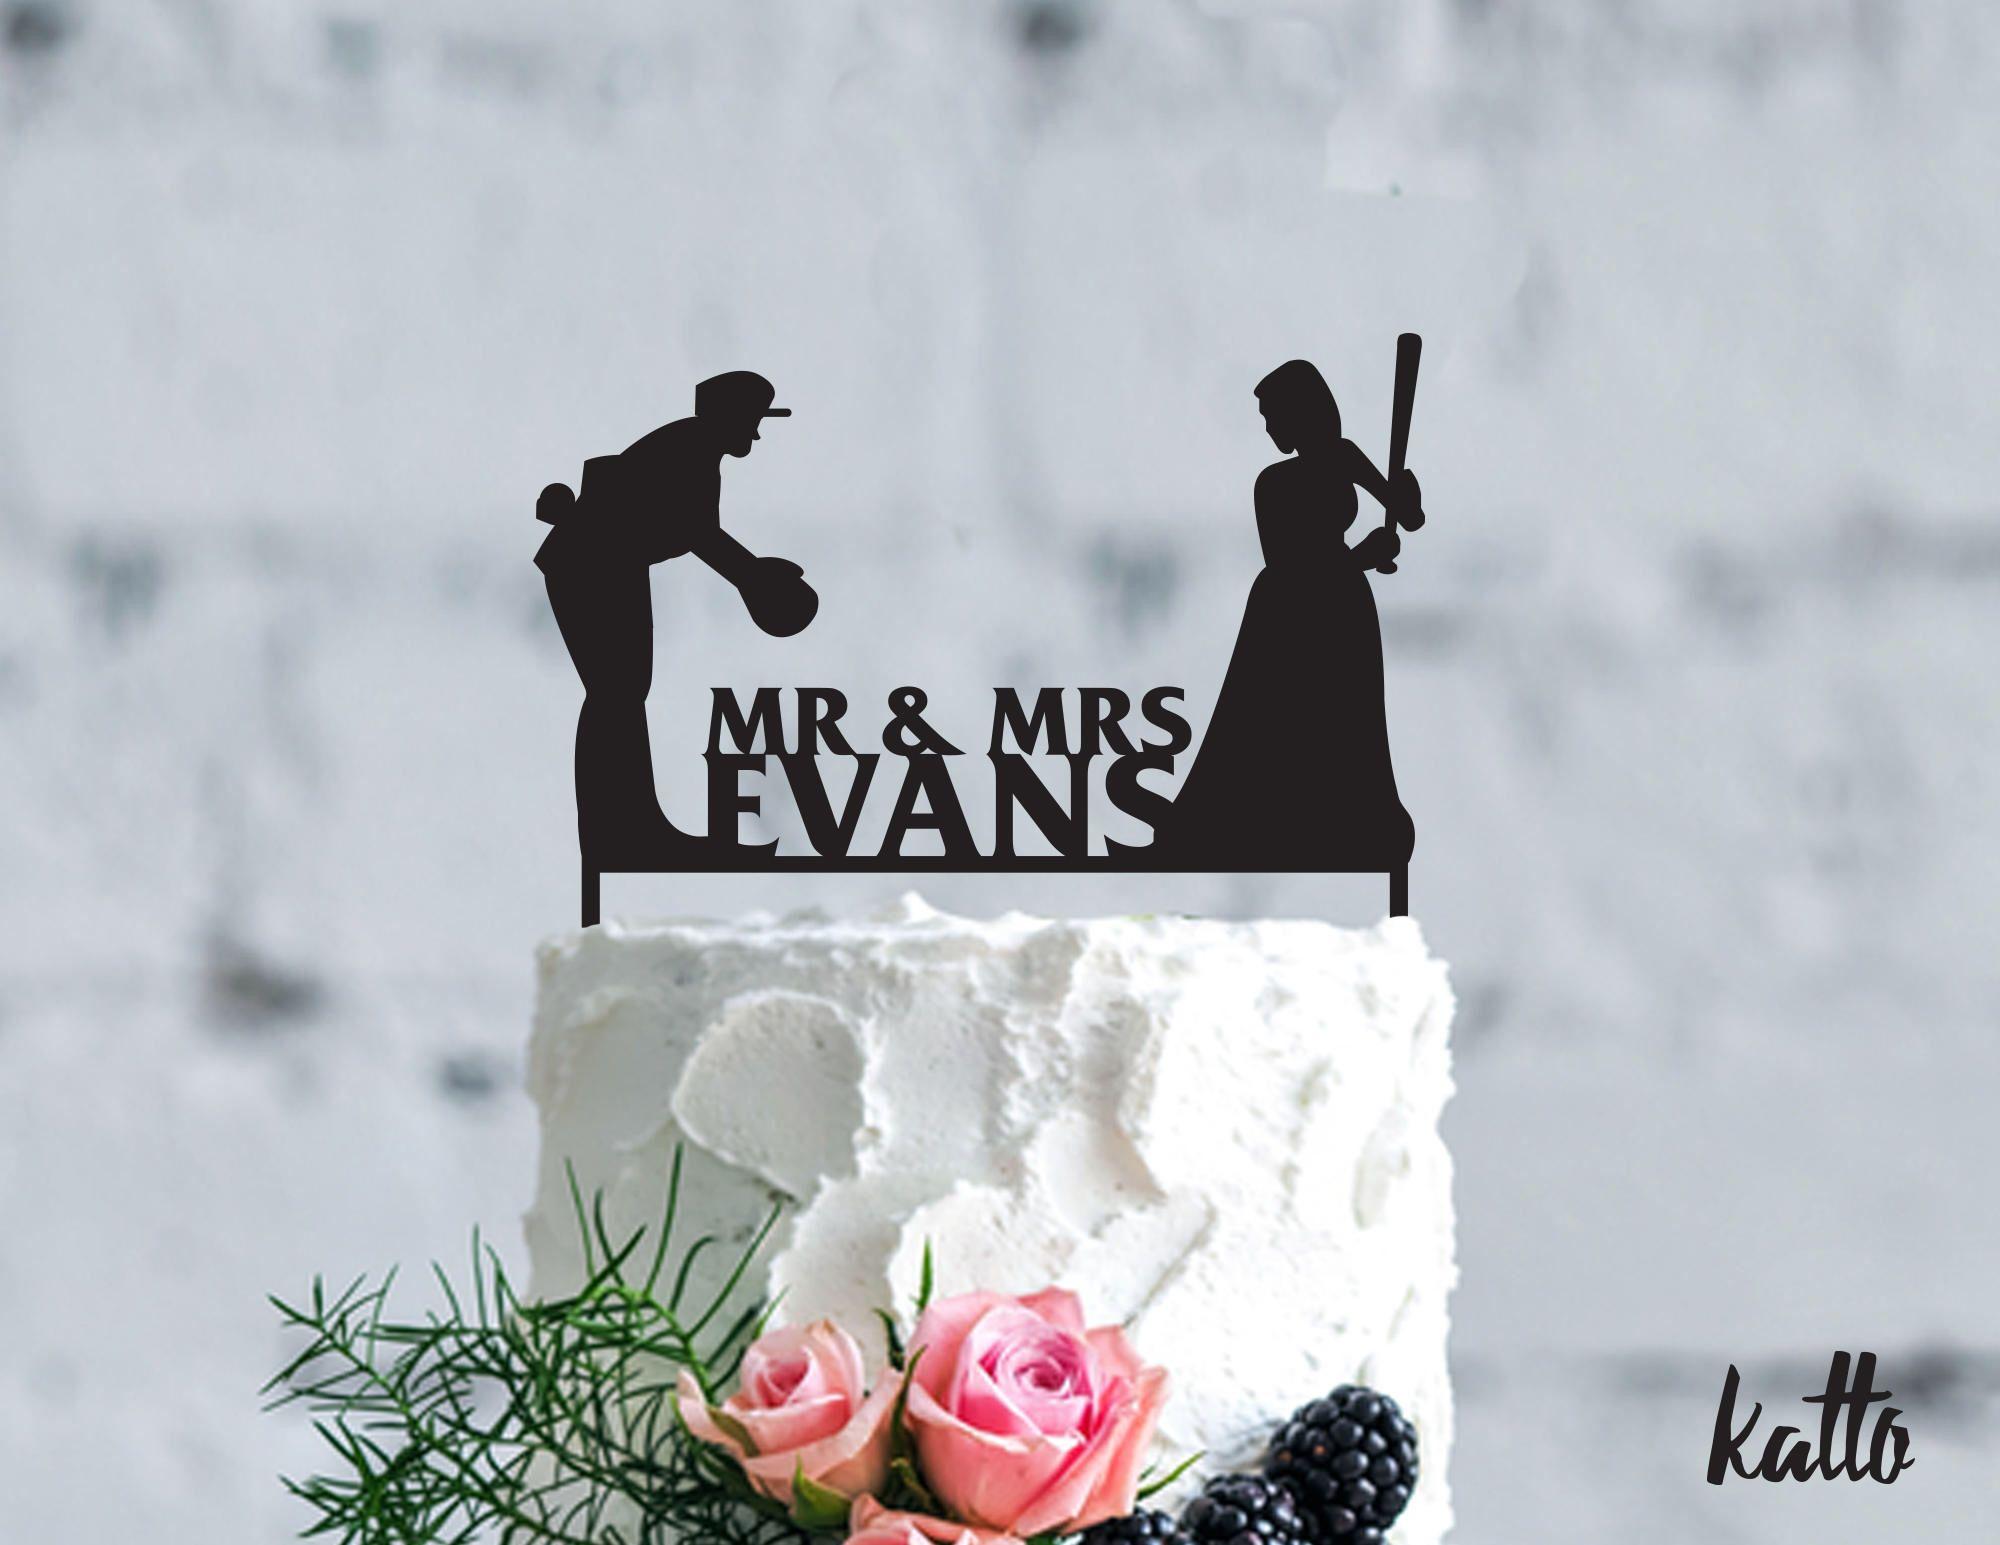 Pitching Baseball Cake Topper Wedding Cake Toppers Baseball Wedding Cakes Custom Wedding Cake Toppers